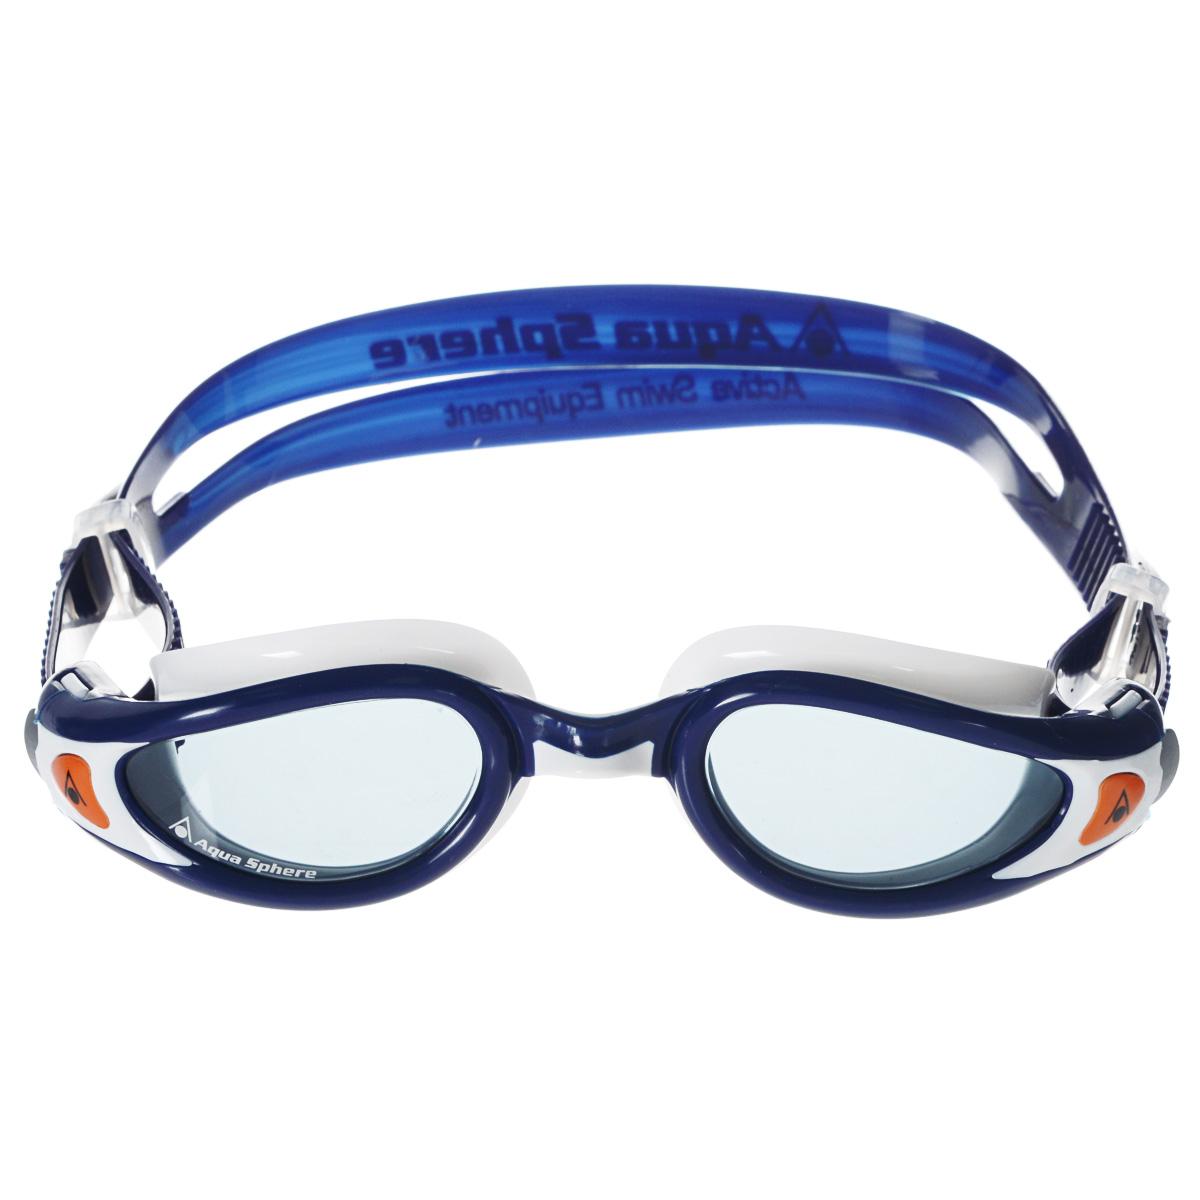 Очки для плавания Aqua Sphere Kaiman Exo Junior, цвет: синий, белыйTN 175830Легкие детские очки Aqua Sphere Kaiman Exo (вес всего 34 грамма) идеально подходят для плавания в бассейне или открытой воде. Особая технология изогнутых линз позволяет обеспечить превосходный обзор в 180°, не искажая при этом изображение. Очки дают 100% защиту от ультрафиолетового излучения. Специальное покрытие препятствует запотеванию стекол. Новая технология каркаса EXO-core bi-material обеспечивает максимальную стабильность и комфорт. Подростковая обновленная версия популярных очков Aqua Sphere Kaiman сохраняет все лучшее от взрослой модели. Эластичная саморегулирующаяся переносица. Комфорт и долговечность. Низкопрофильный дизайн. Материал: софтерил, plexisol.